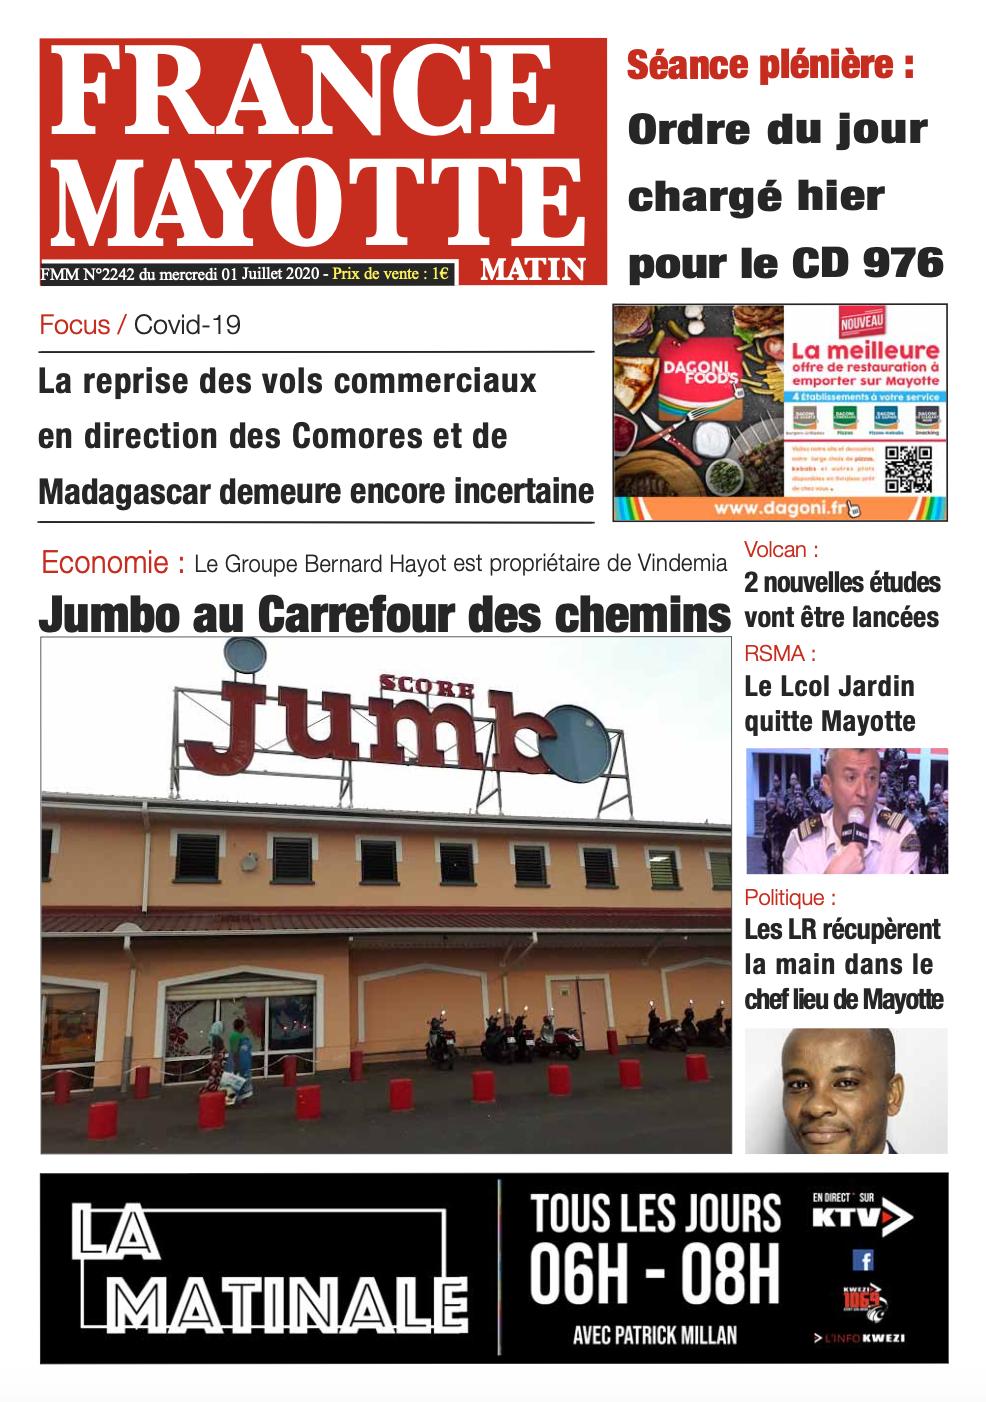 France Mayotte Mercredi 1er juillet 2020